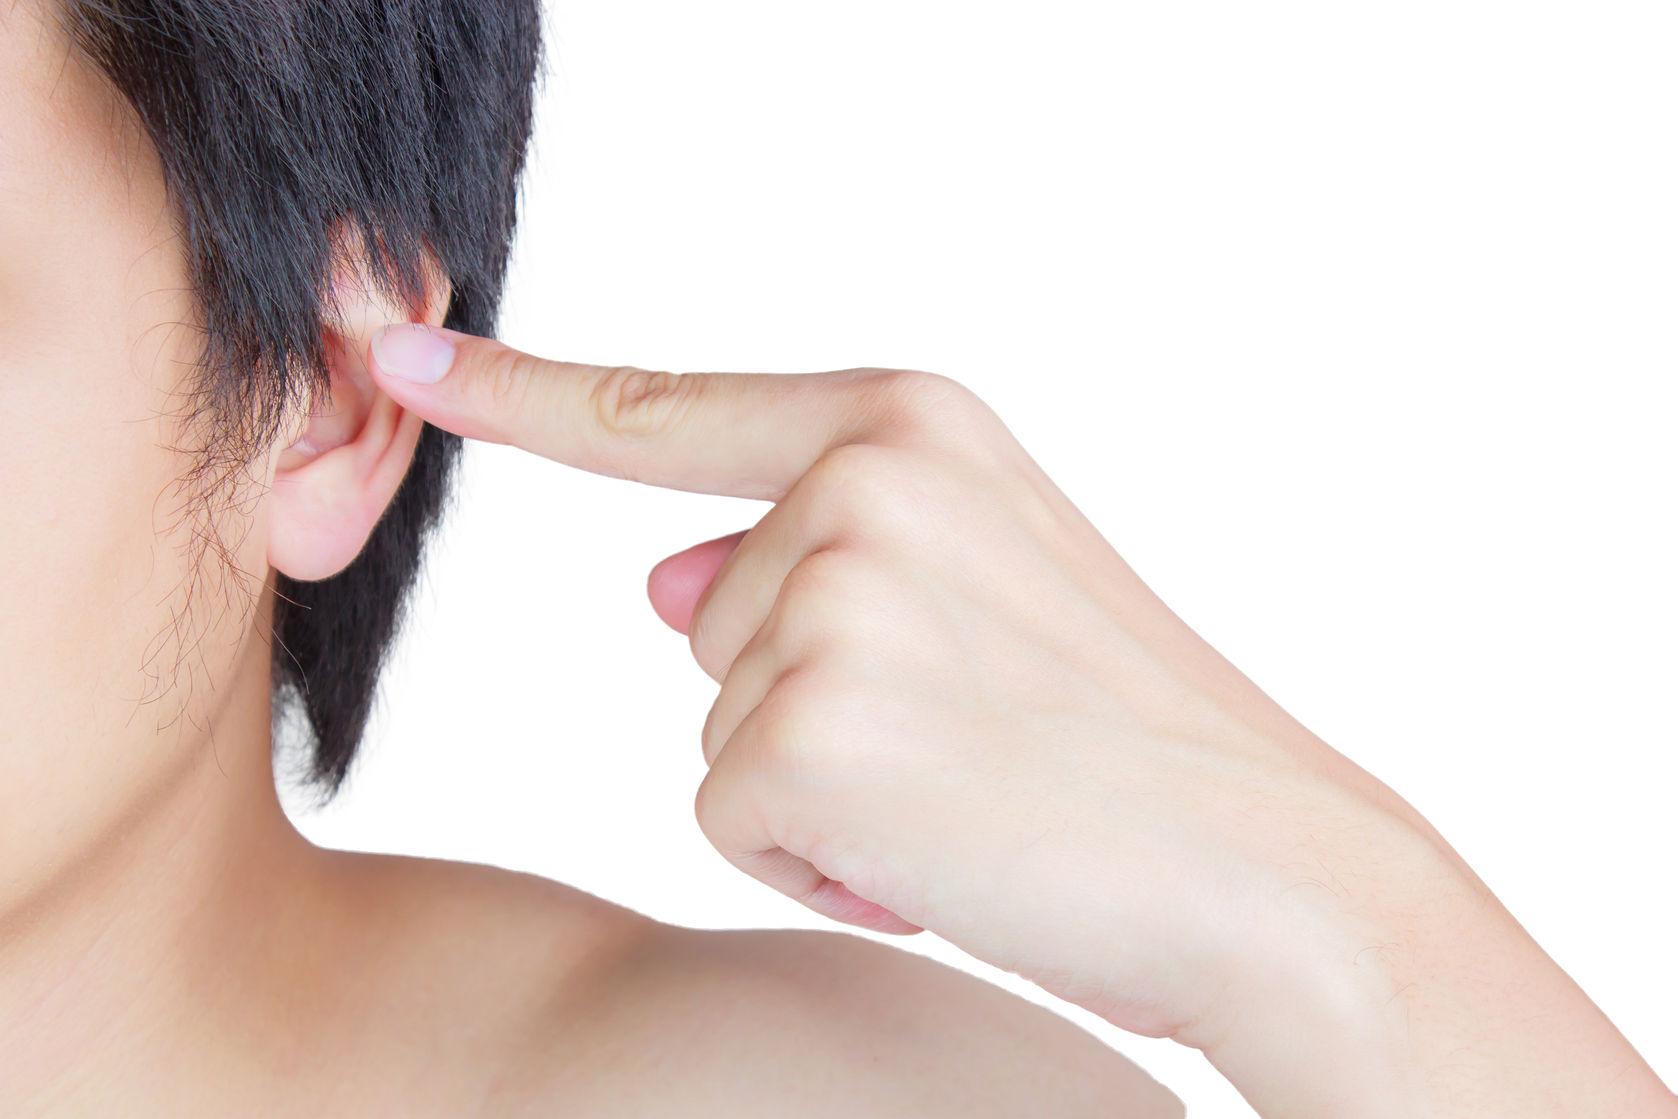 hogyan lehet megszabadulni a fül pikkelysömörétől vörös foltok egy felnőtt hasán